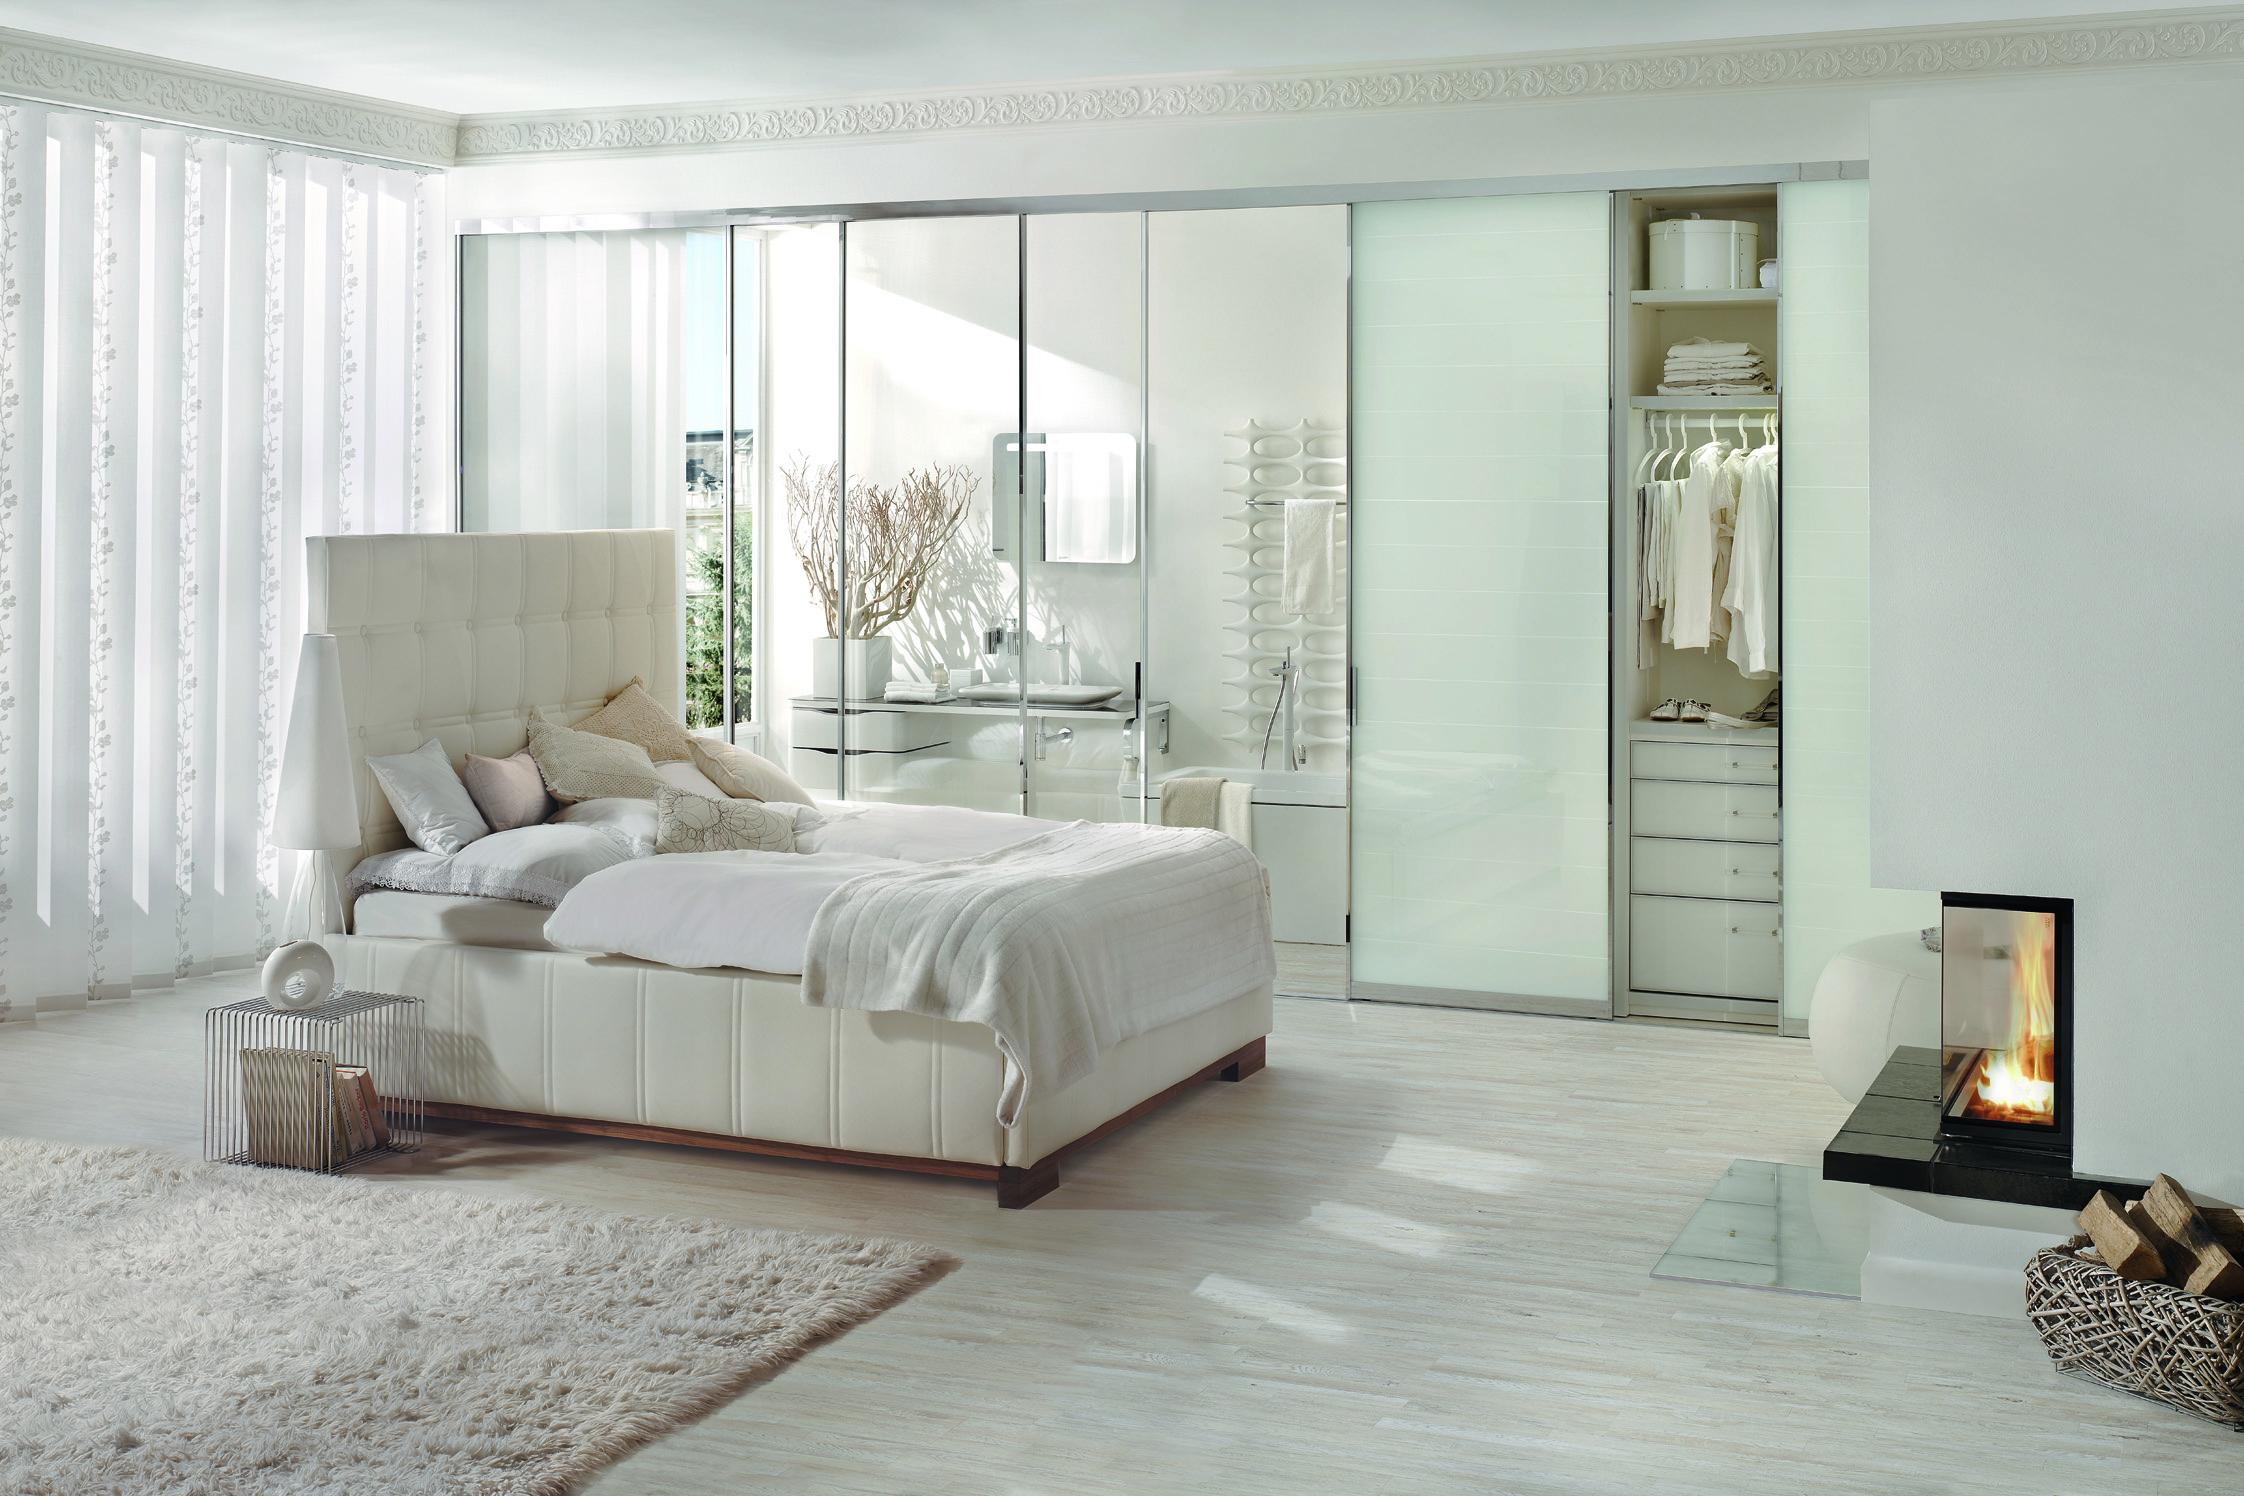 Weißes Schlafzimmer mit Kamin #teppich #kamin #begeh...